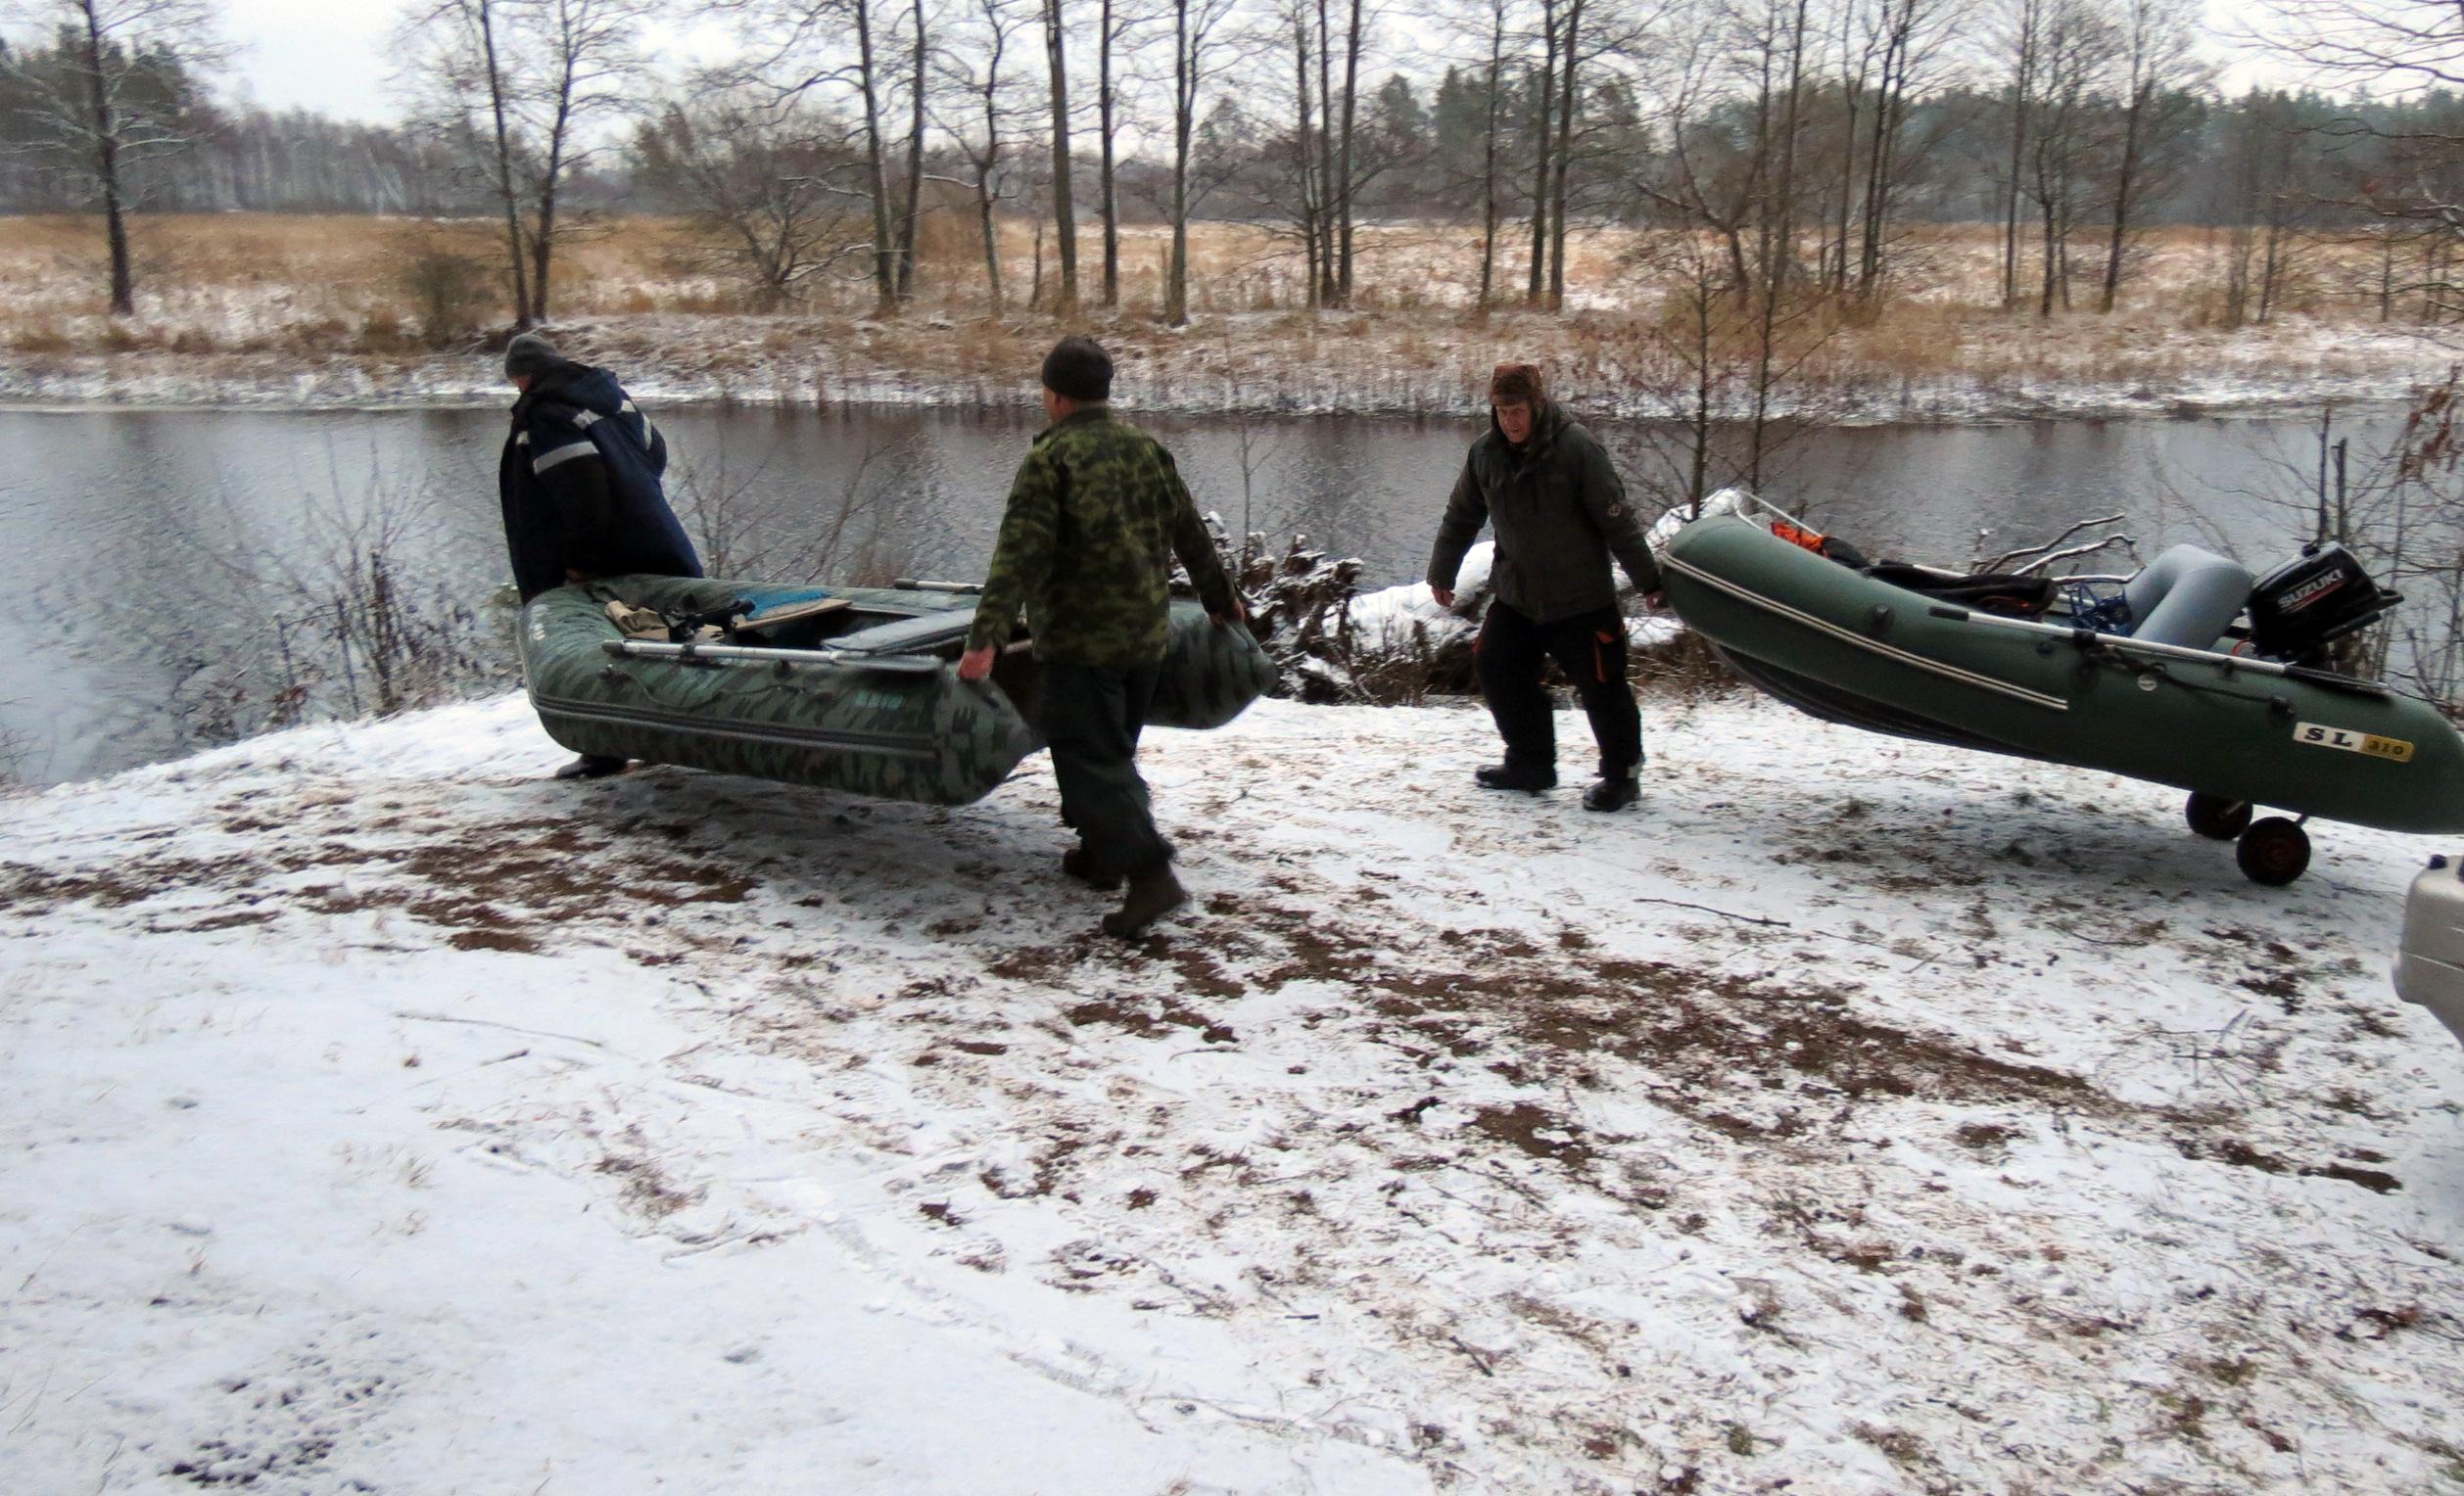 Декабрь, вроде бы и зима, а мы на лодках со спиннингами в руках. Фото из архива автора.